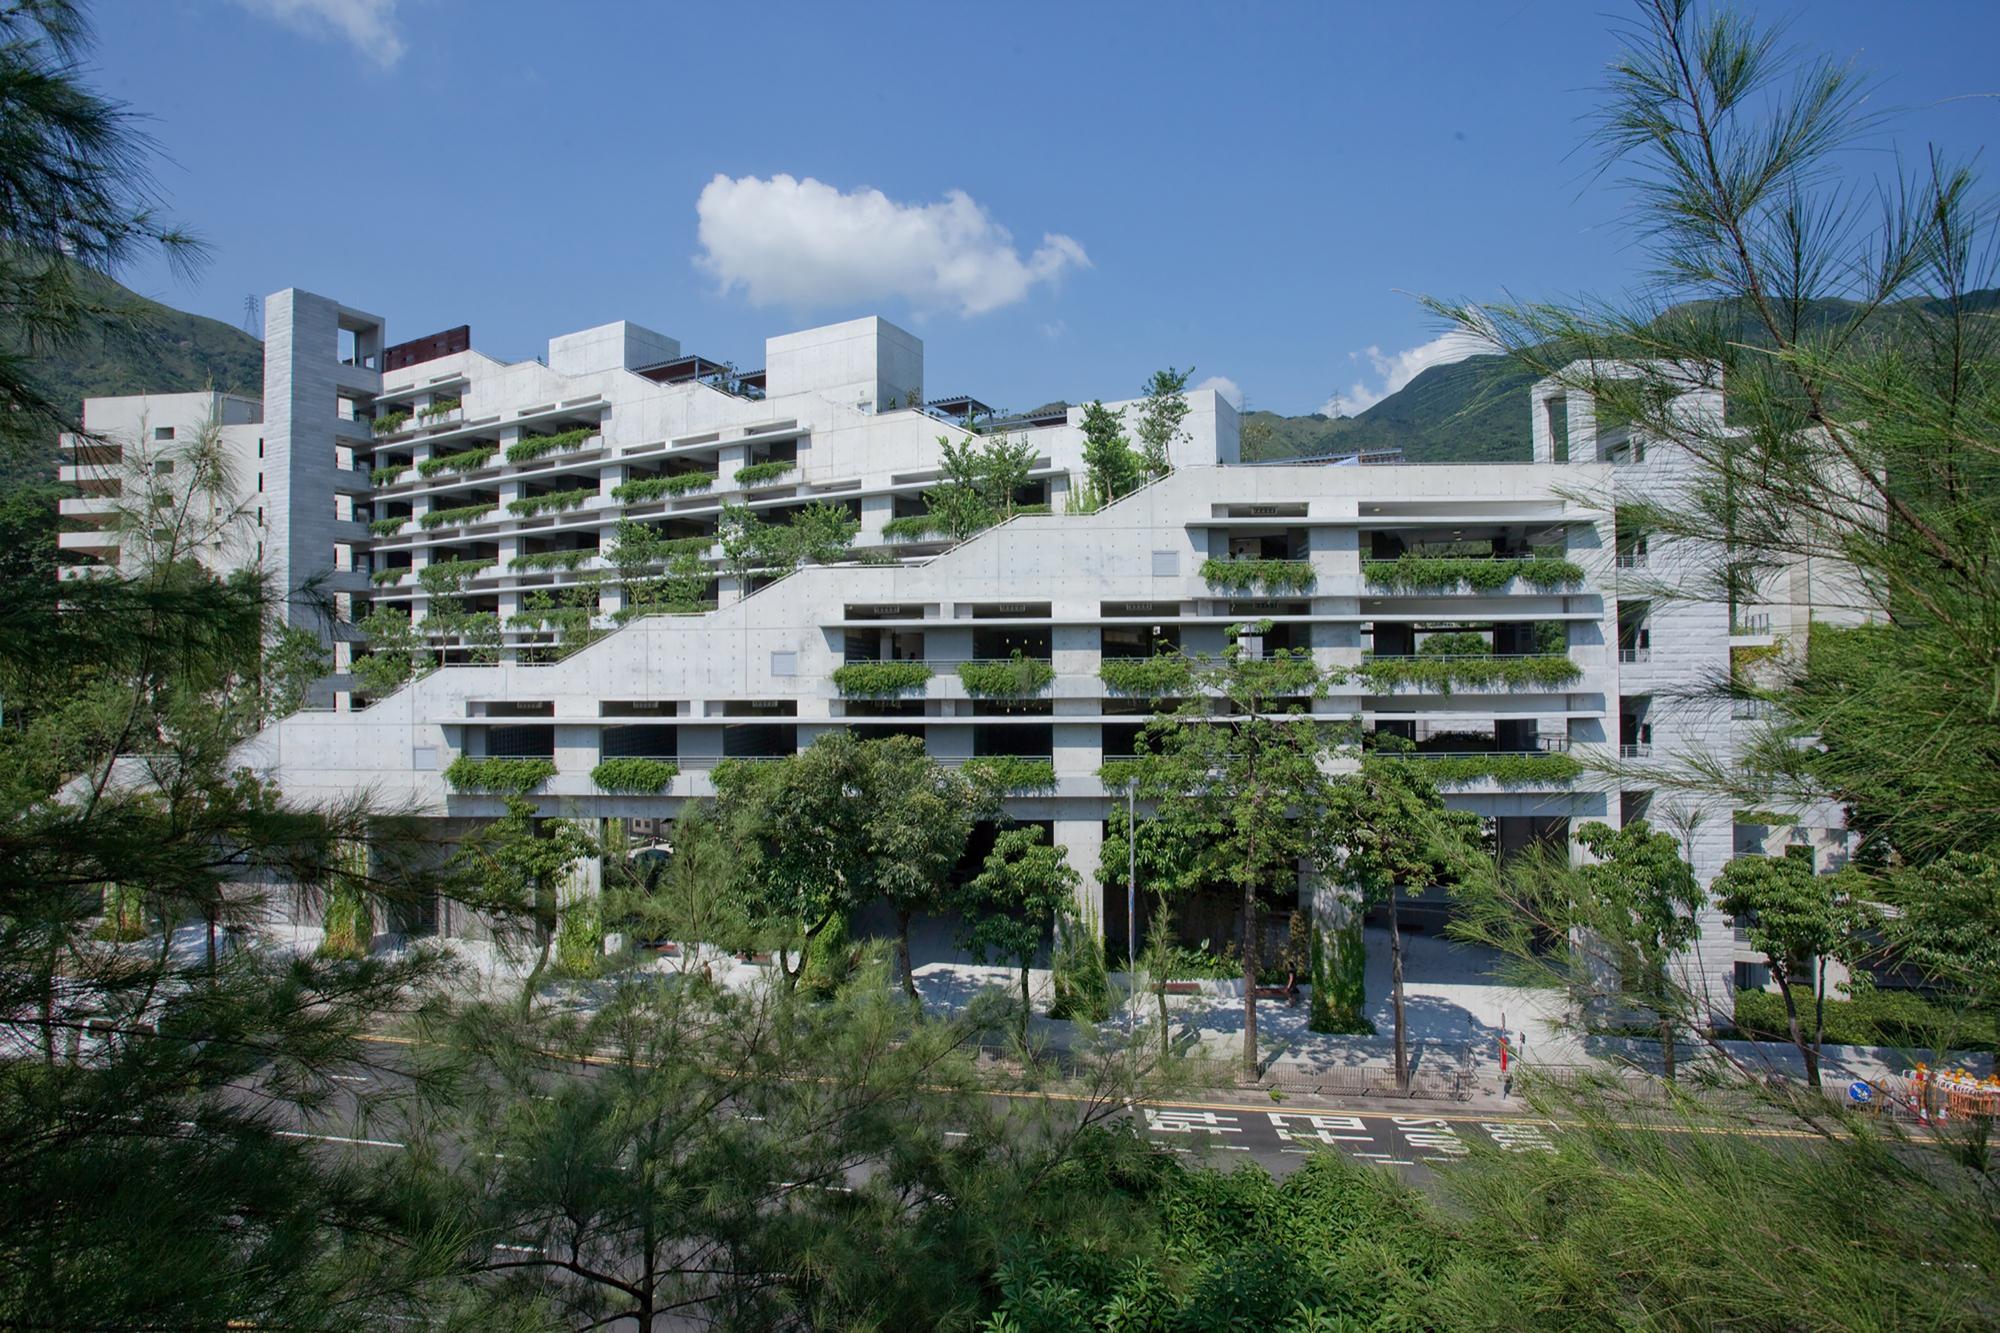 Memorial Hills Apartments